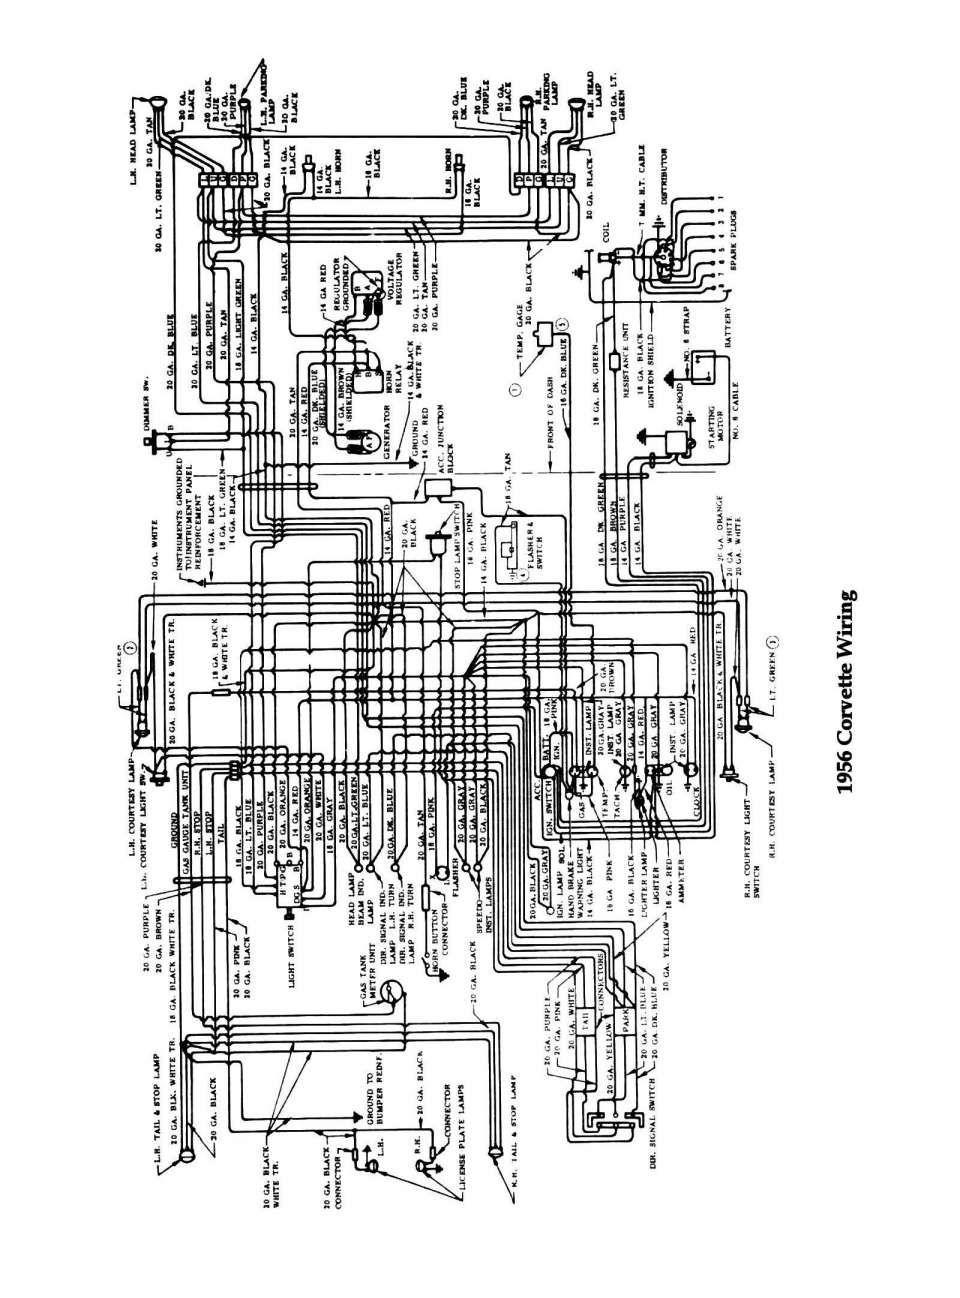 10+ 1974 Corvette Engine Wiring Diagram - Engine Diagram - Wiringg.net in  2020 | Diagram, Corvette engine, CorvettePinterest